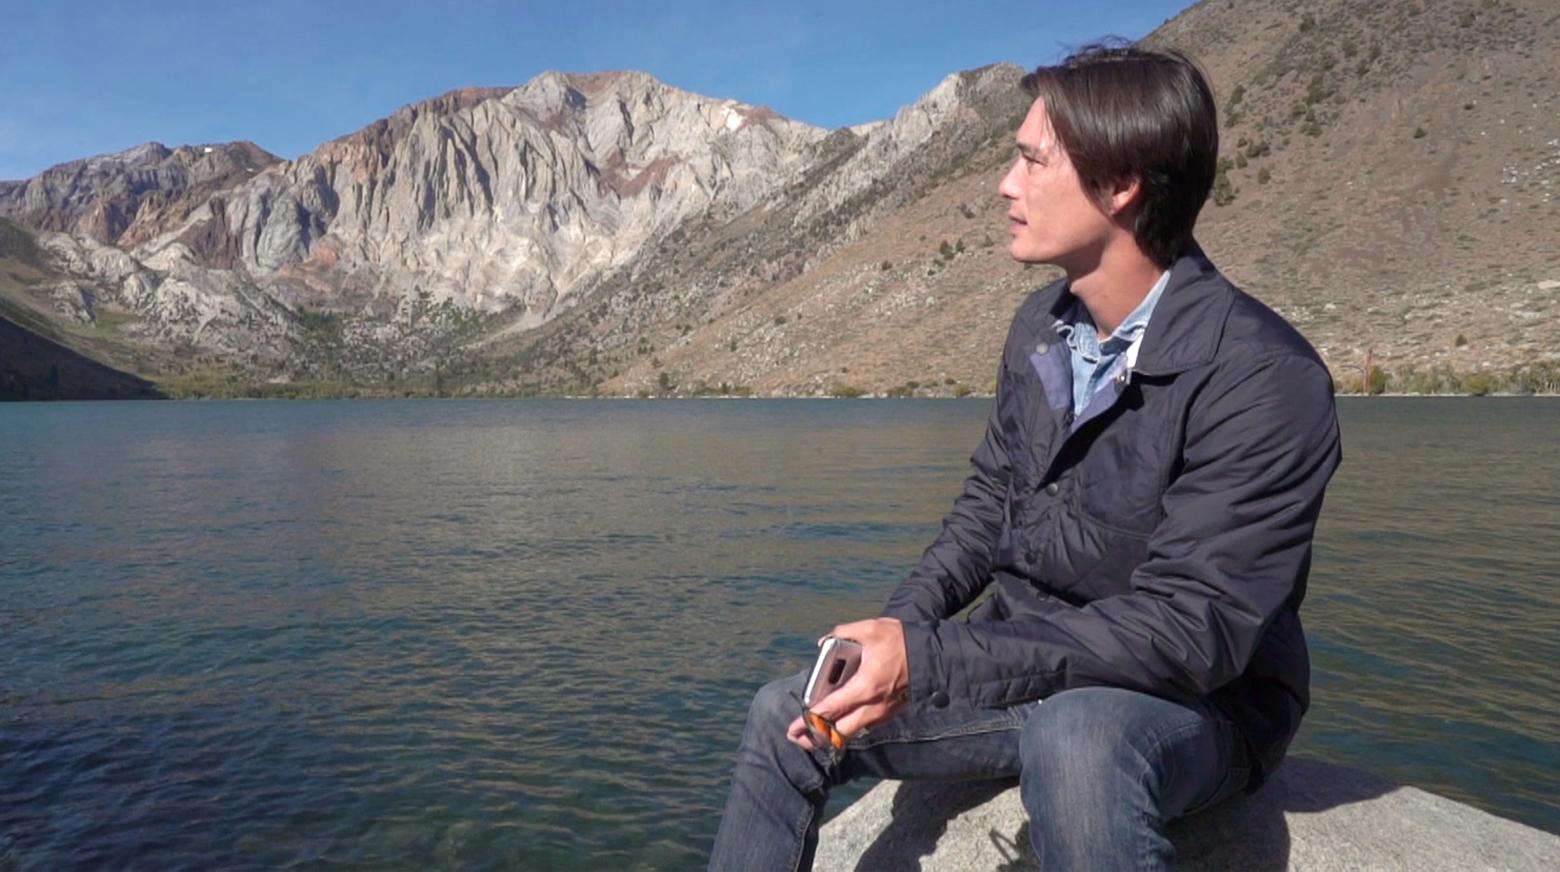 Ricky Traveling Alone